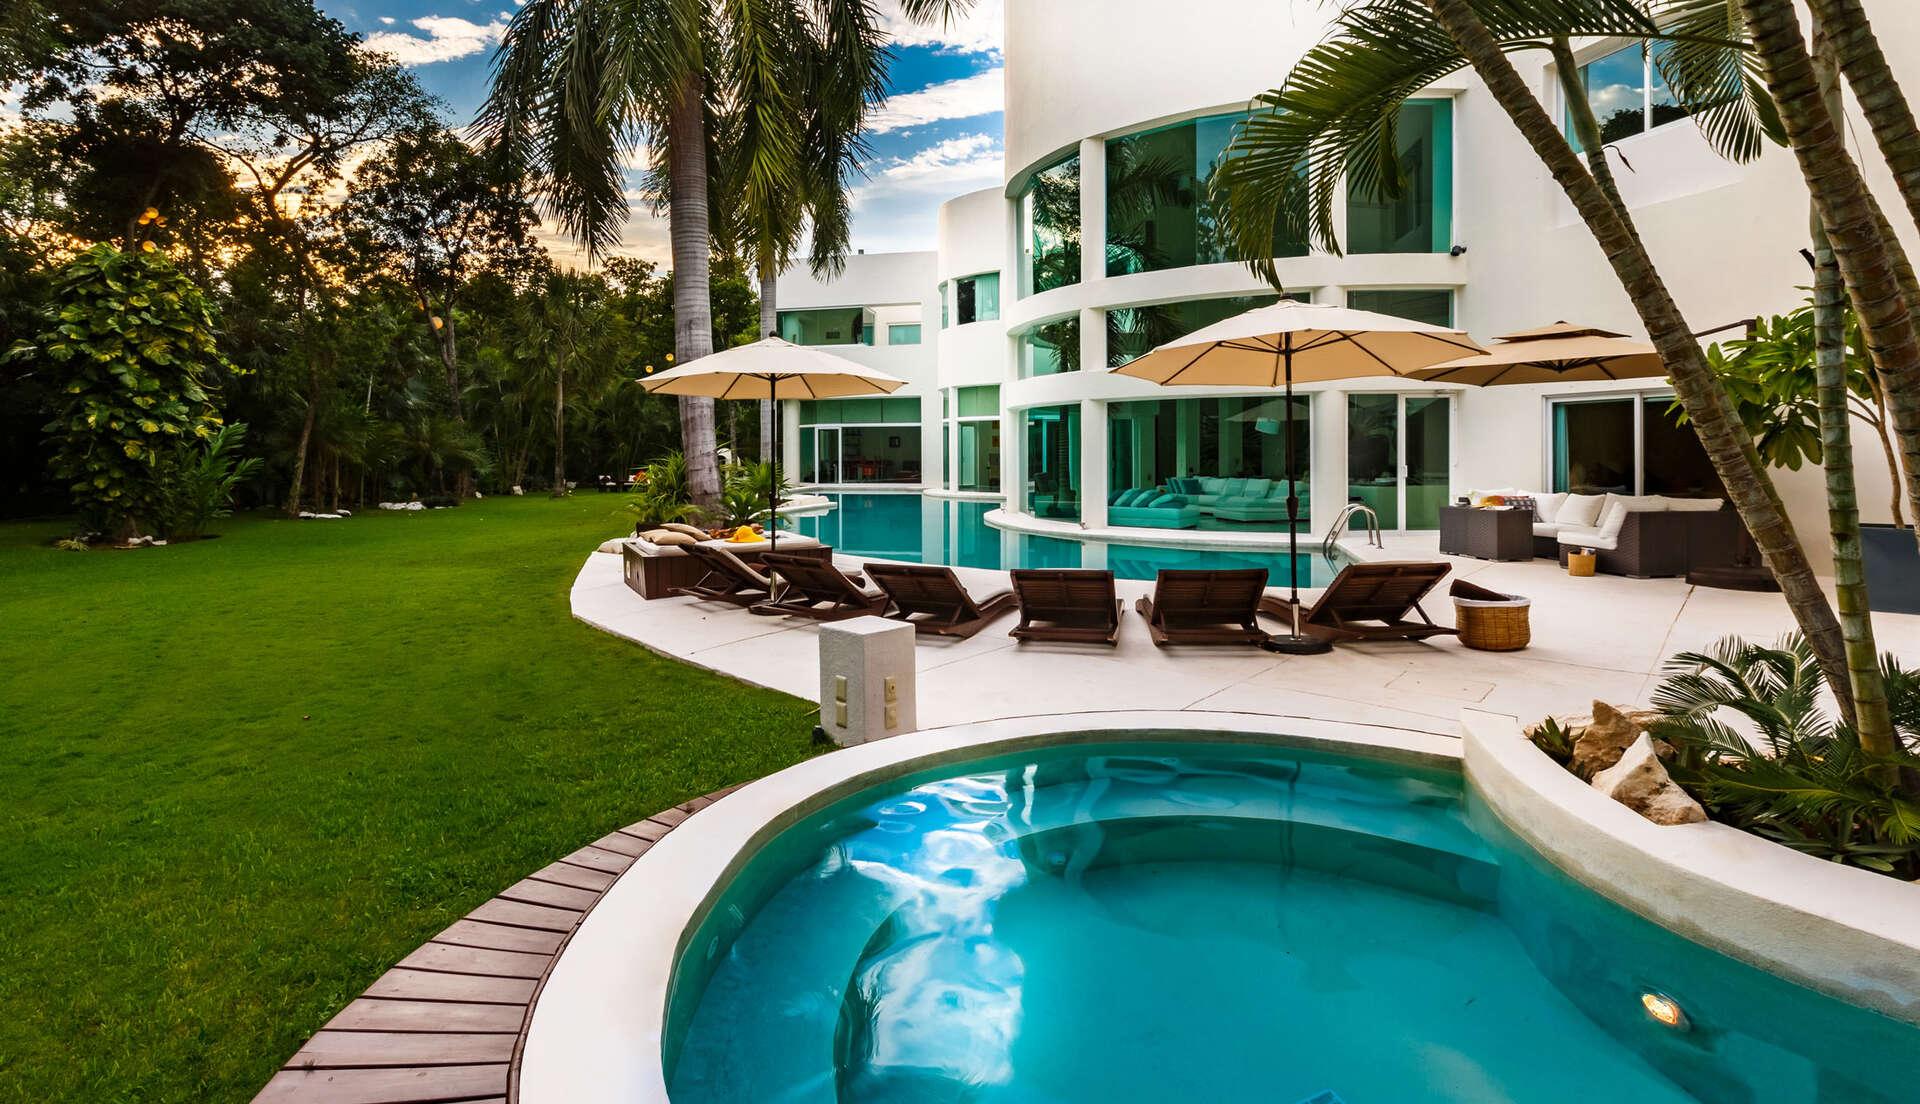 Luxury vacation rentals mexico - Riviera maya - Playa del carmen - No location 4 - Villa Aqua - Image 1/21